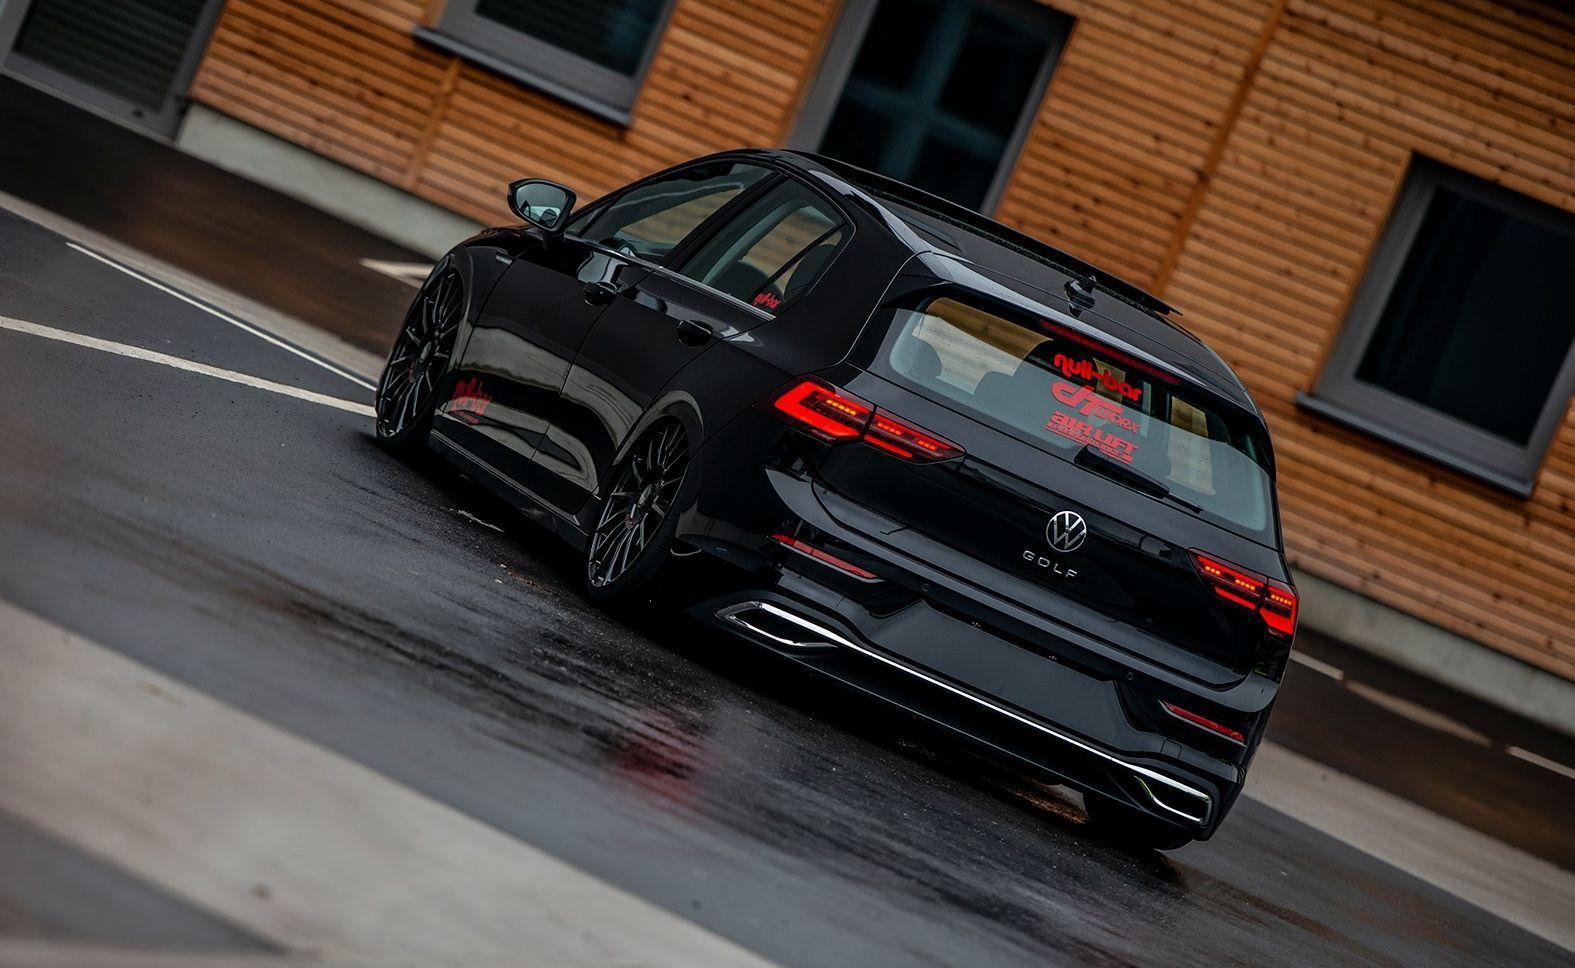 Dugo je trebalo, Volkswagen Golf 8 u rukama tuning kuće izgleda savršeno!